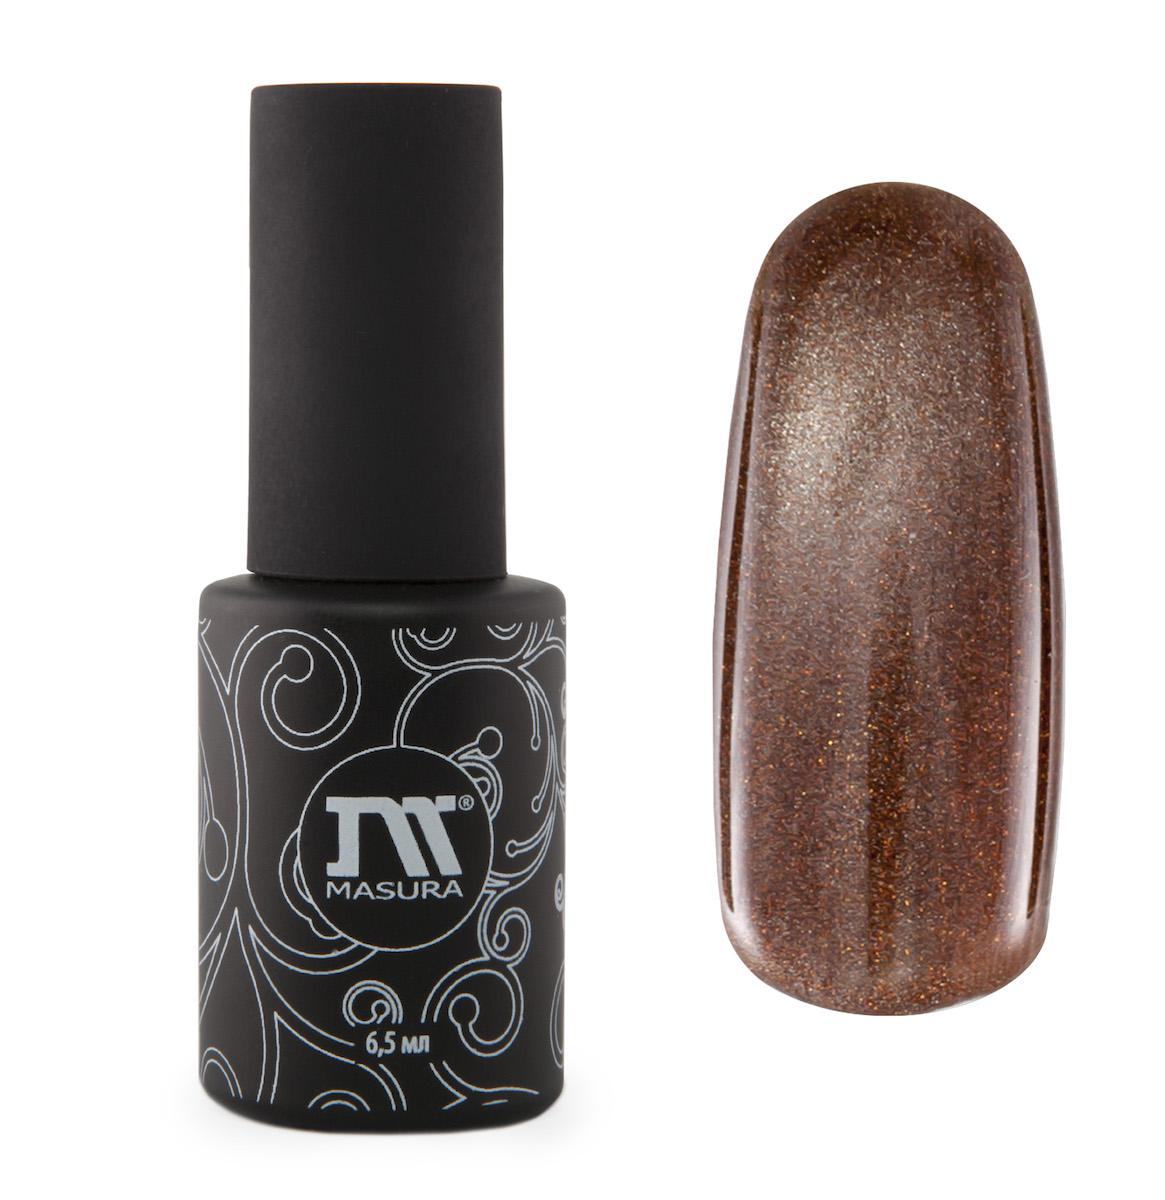 Masura Гель-лак Шапка Мономаха, 6,5 мл295-02золотисто-коричневый с зеркальным переливом, с золотыми микроблестками, плотный